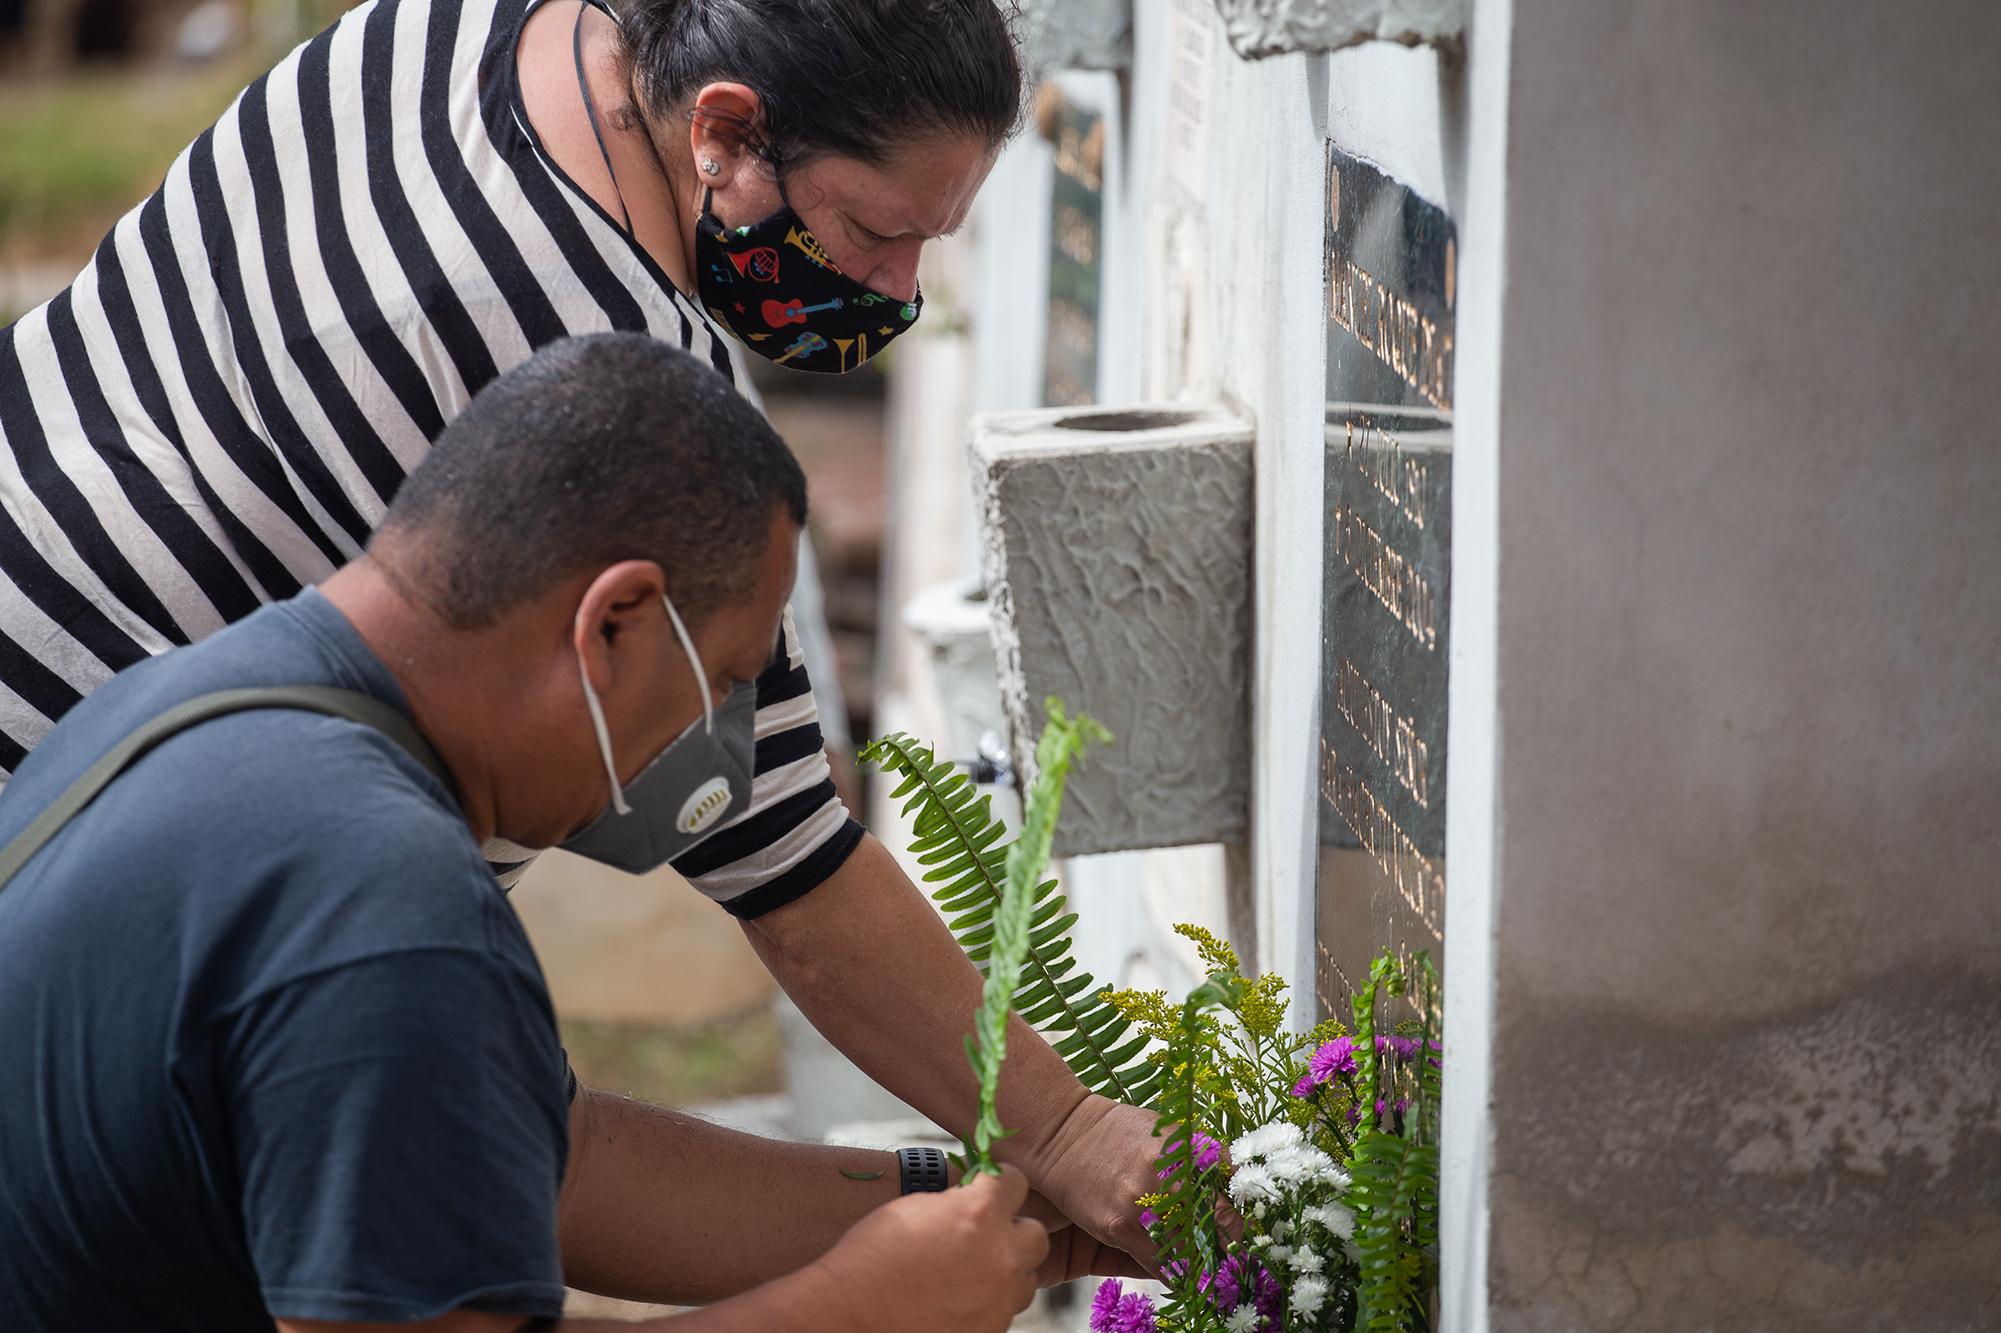 Wendy y Jorge limpian y adornan con flores los nichos de sus familiares en el Cementerio General del Distrito Central. Comayagüela, 2 de noviembre de 2020. Foto: Martín Cálix.